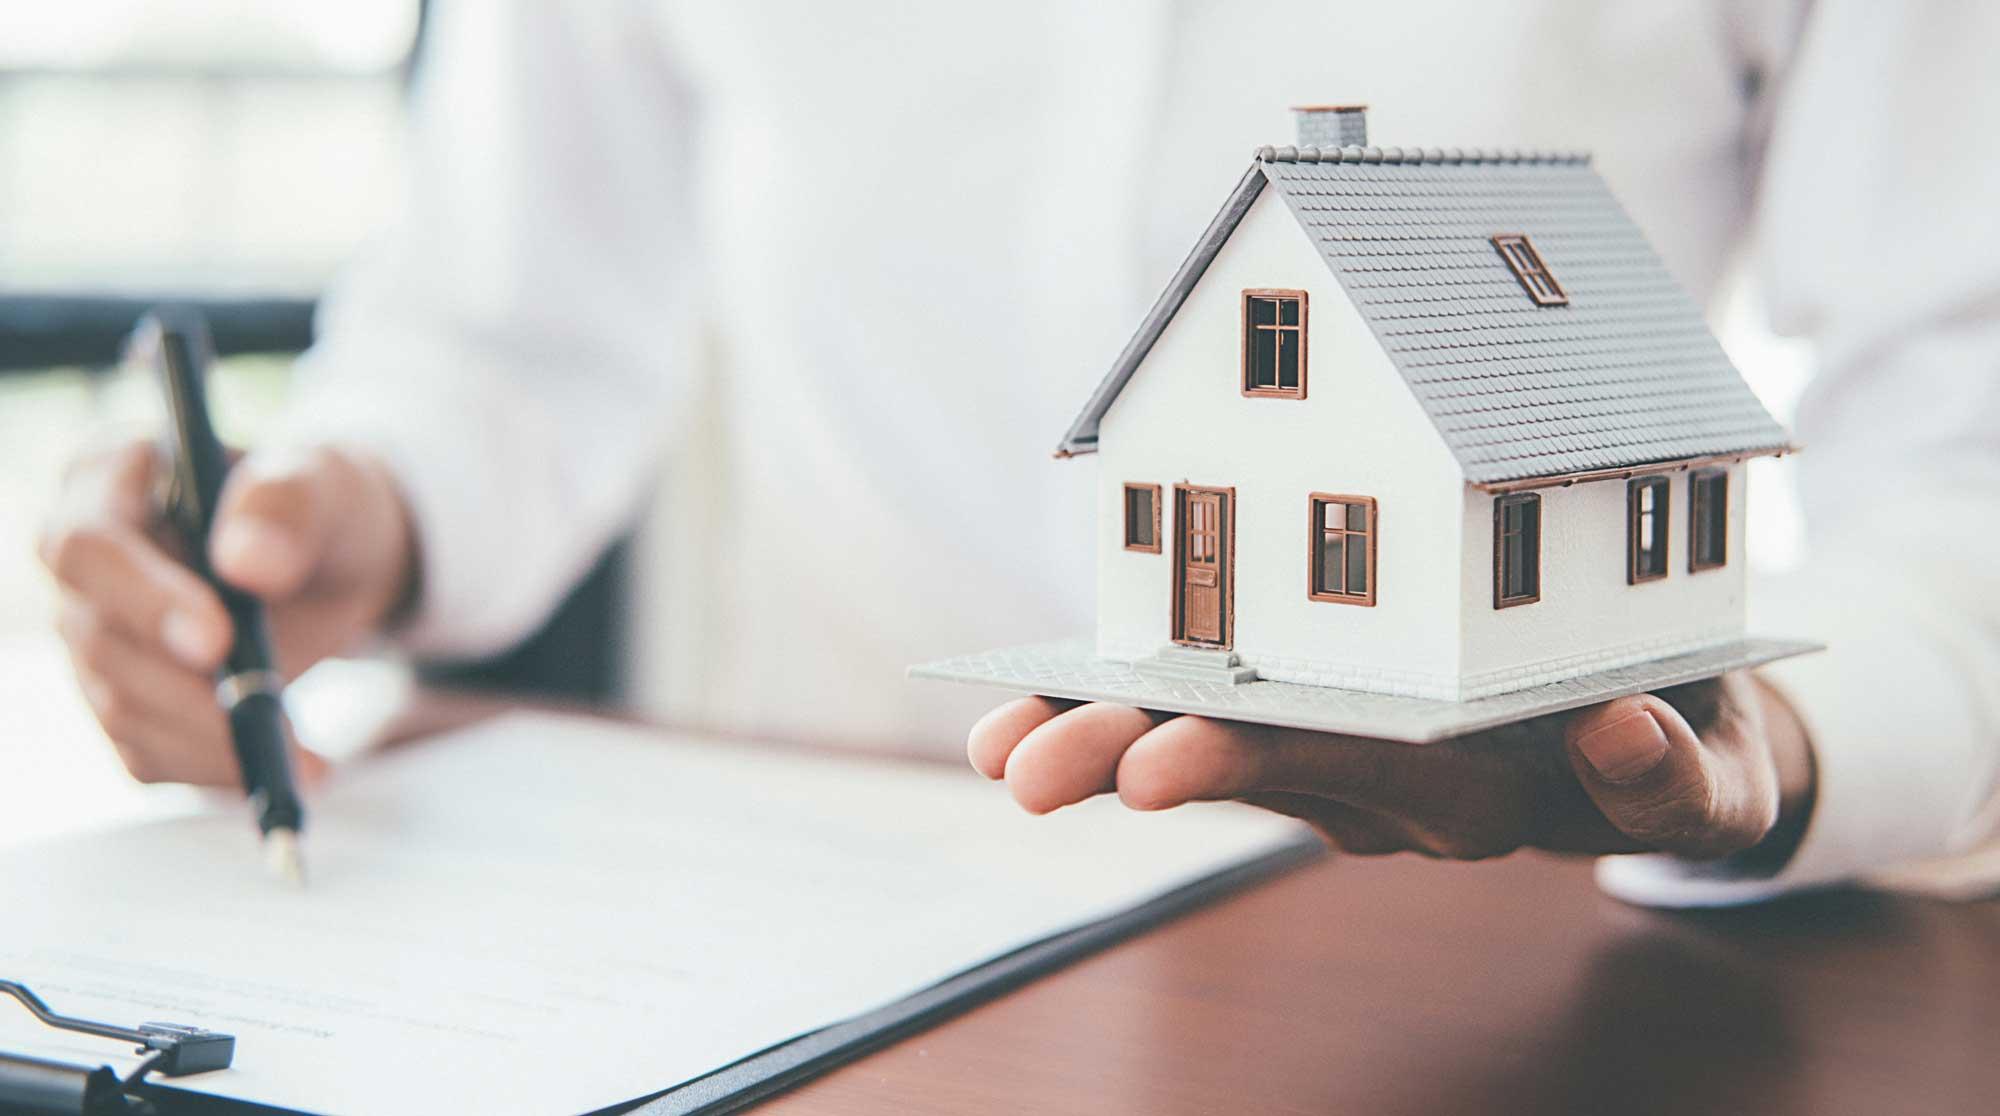 Tous les diagnostics obligatoires pour la vente d'un logement ou d'un autre type de bien